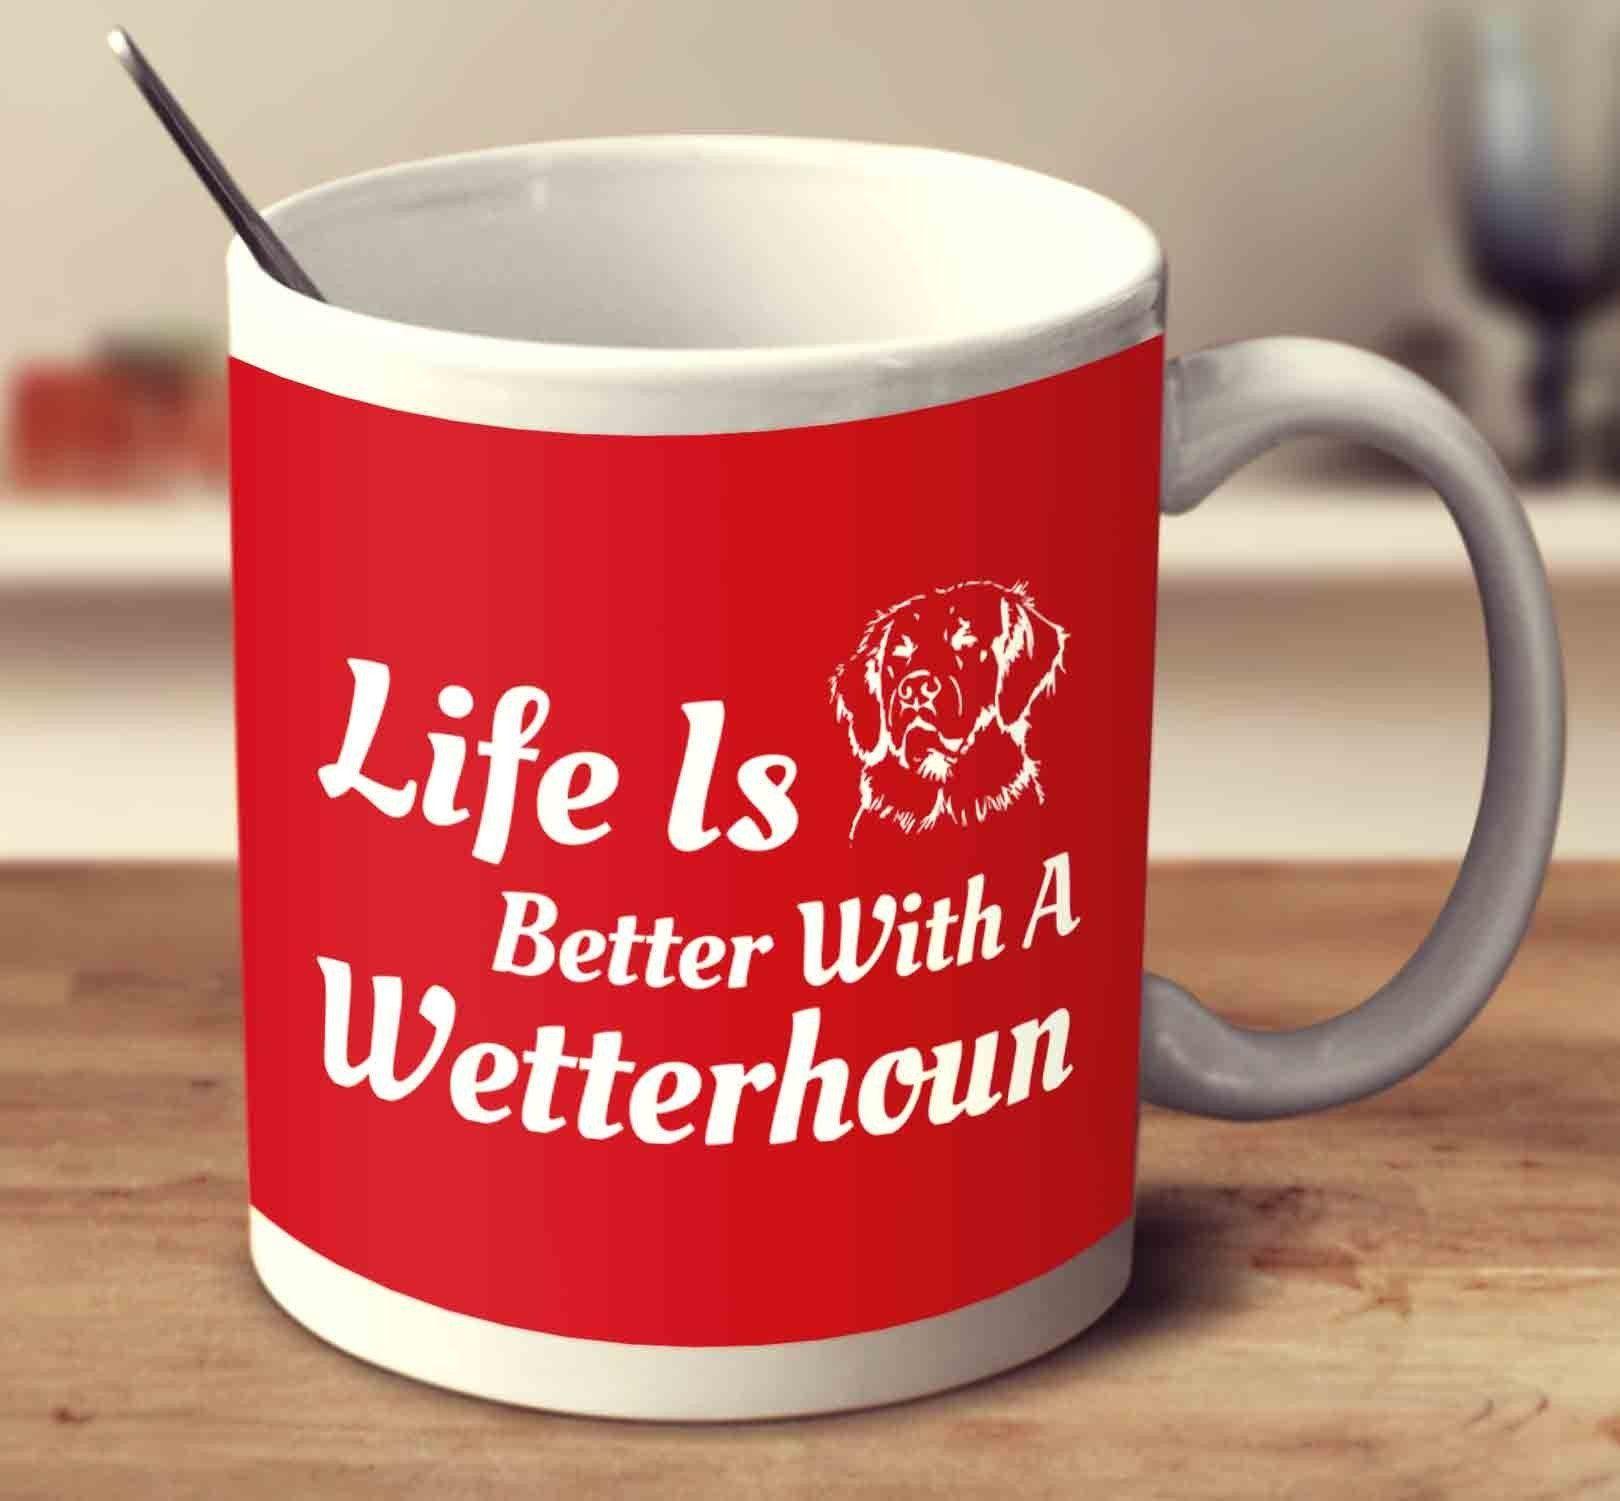 Life Is Better With A Wetterhoun